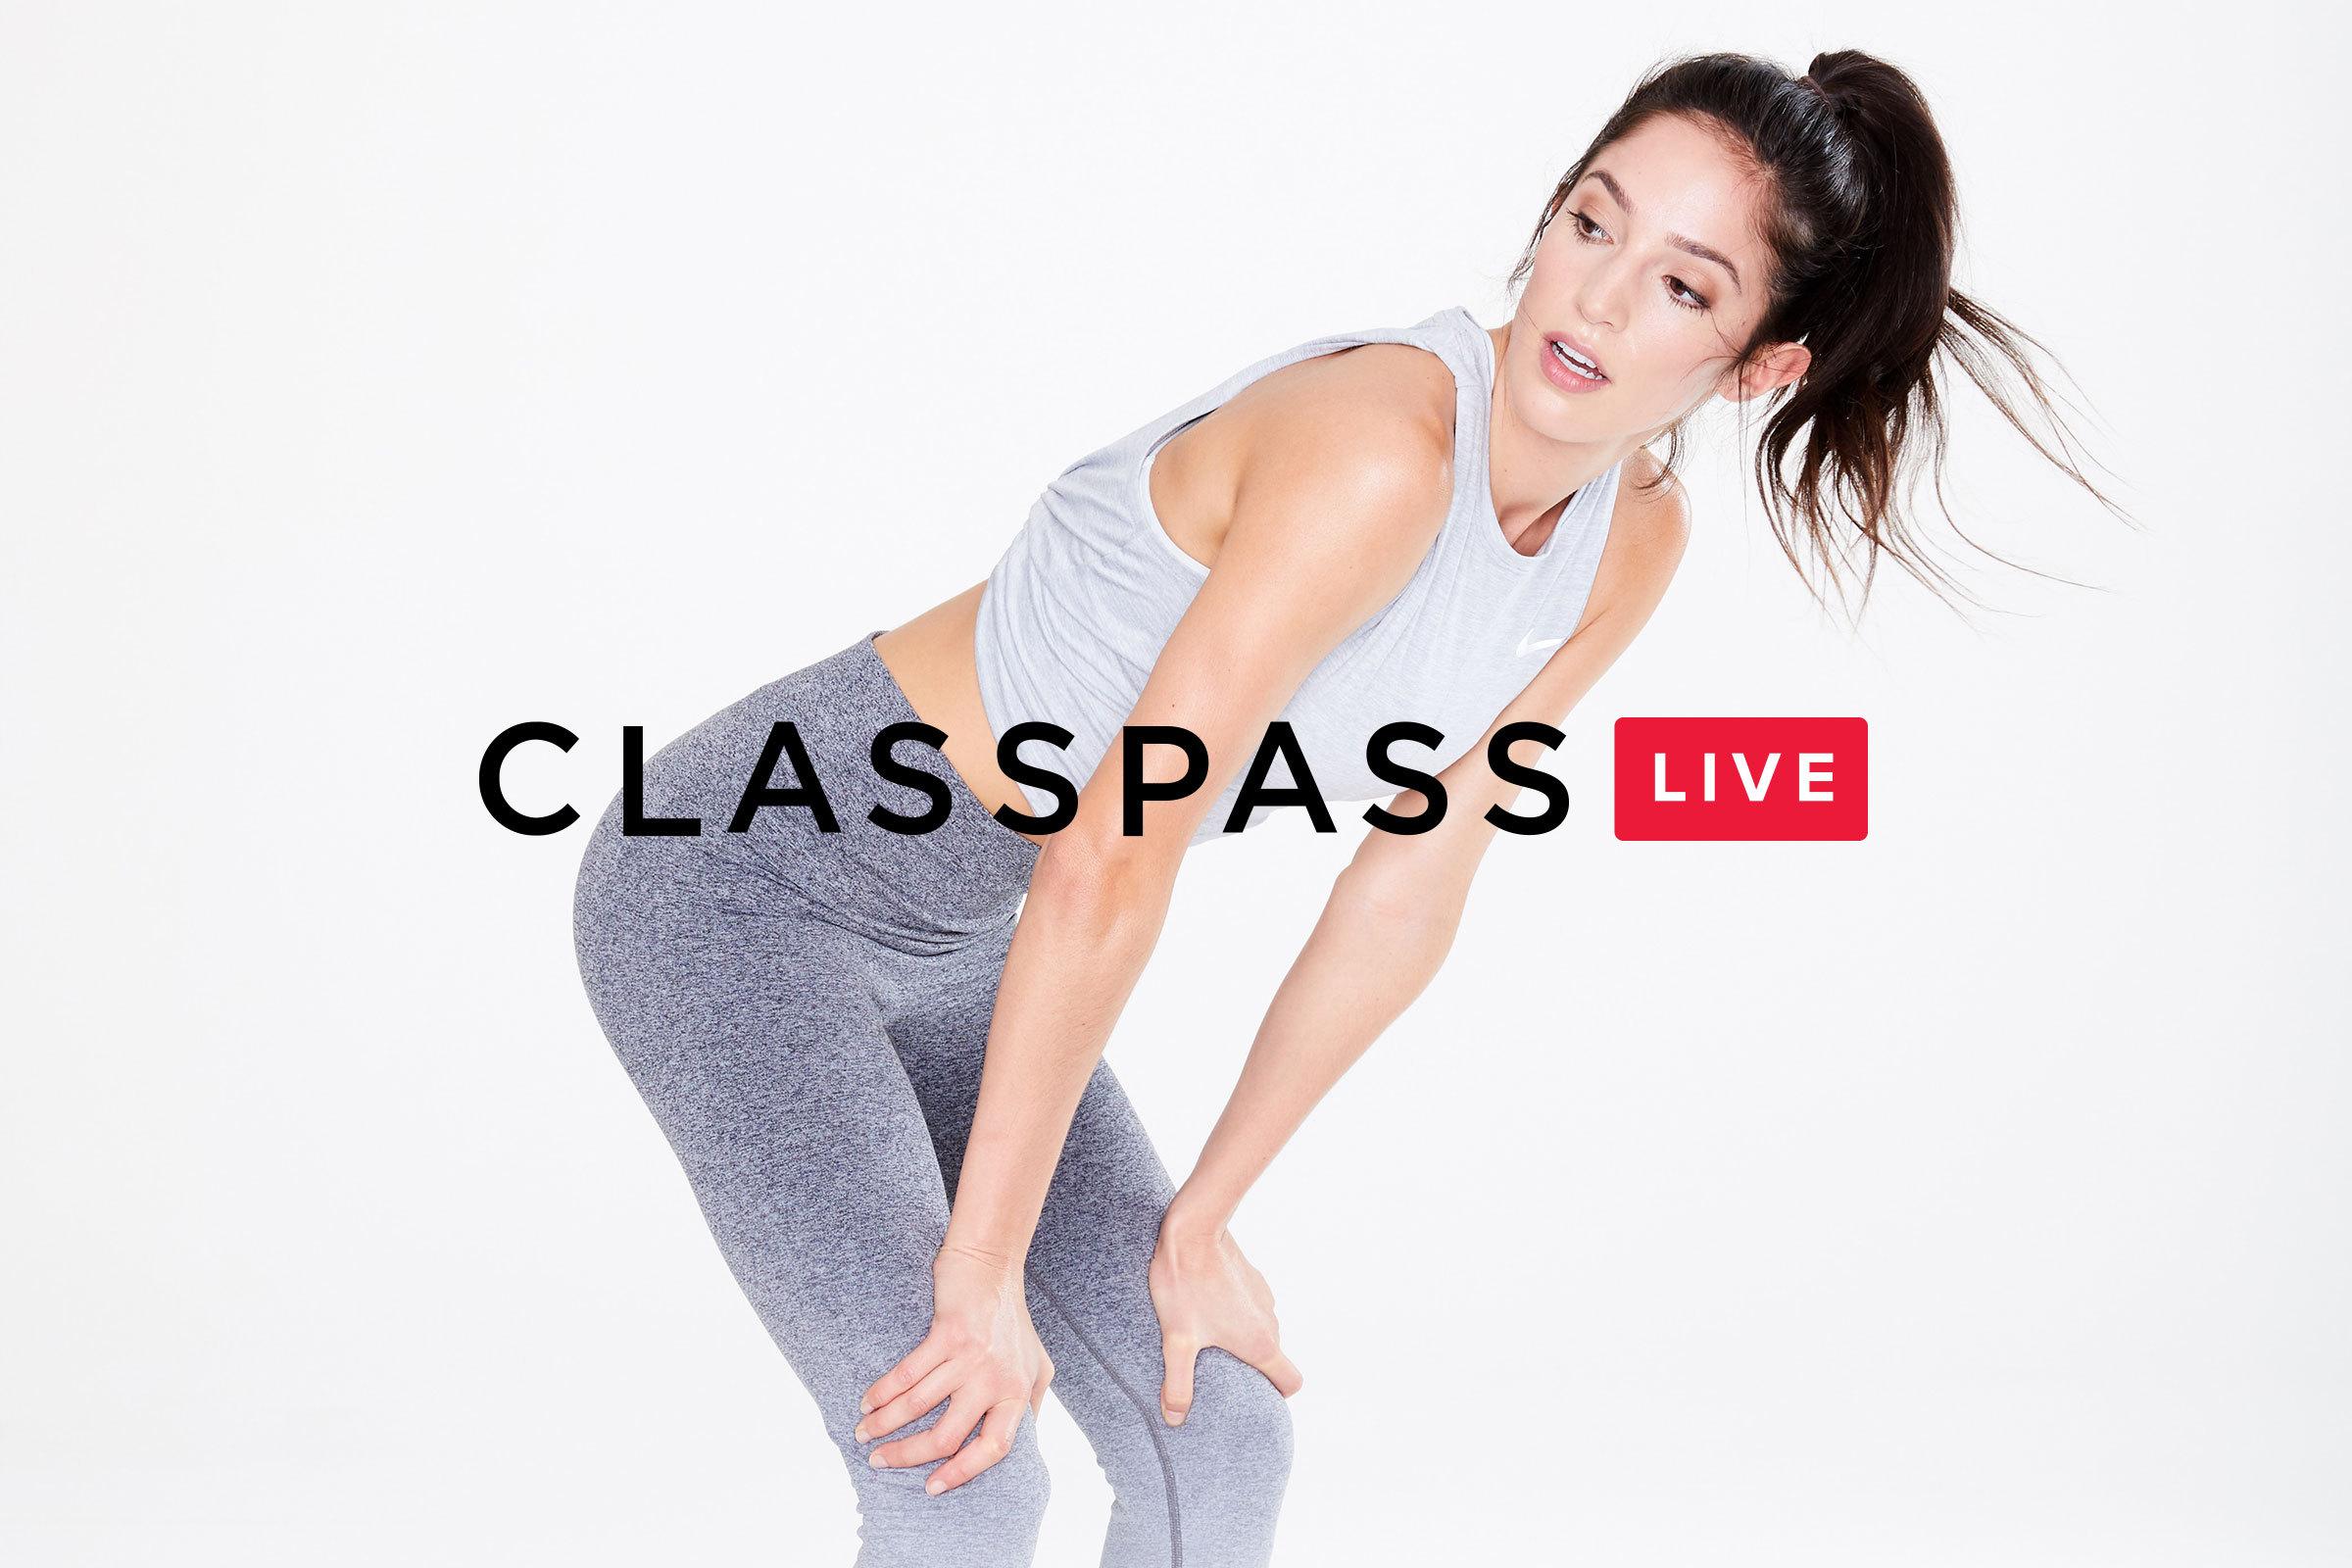 Classpass live advert